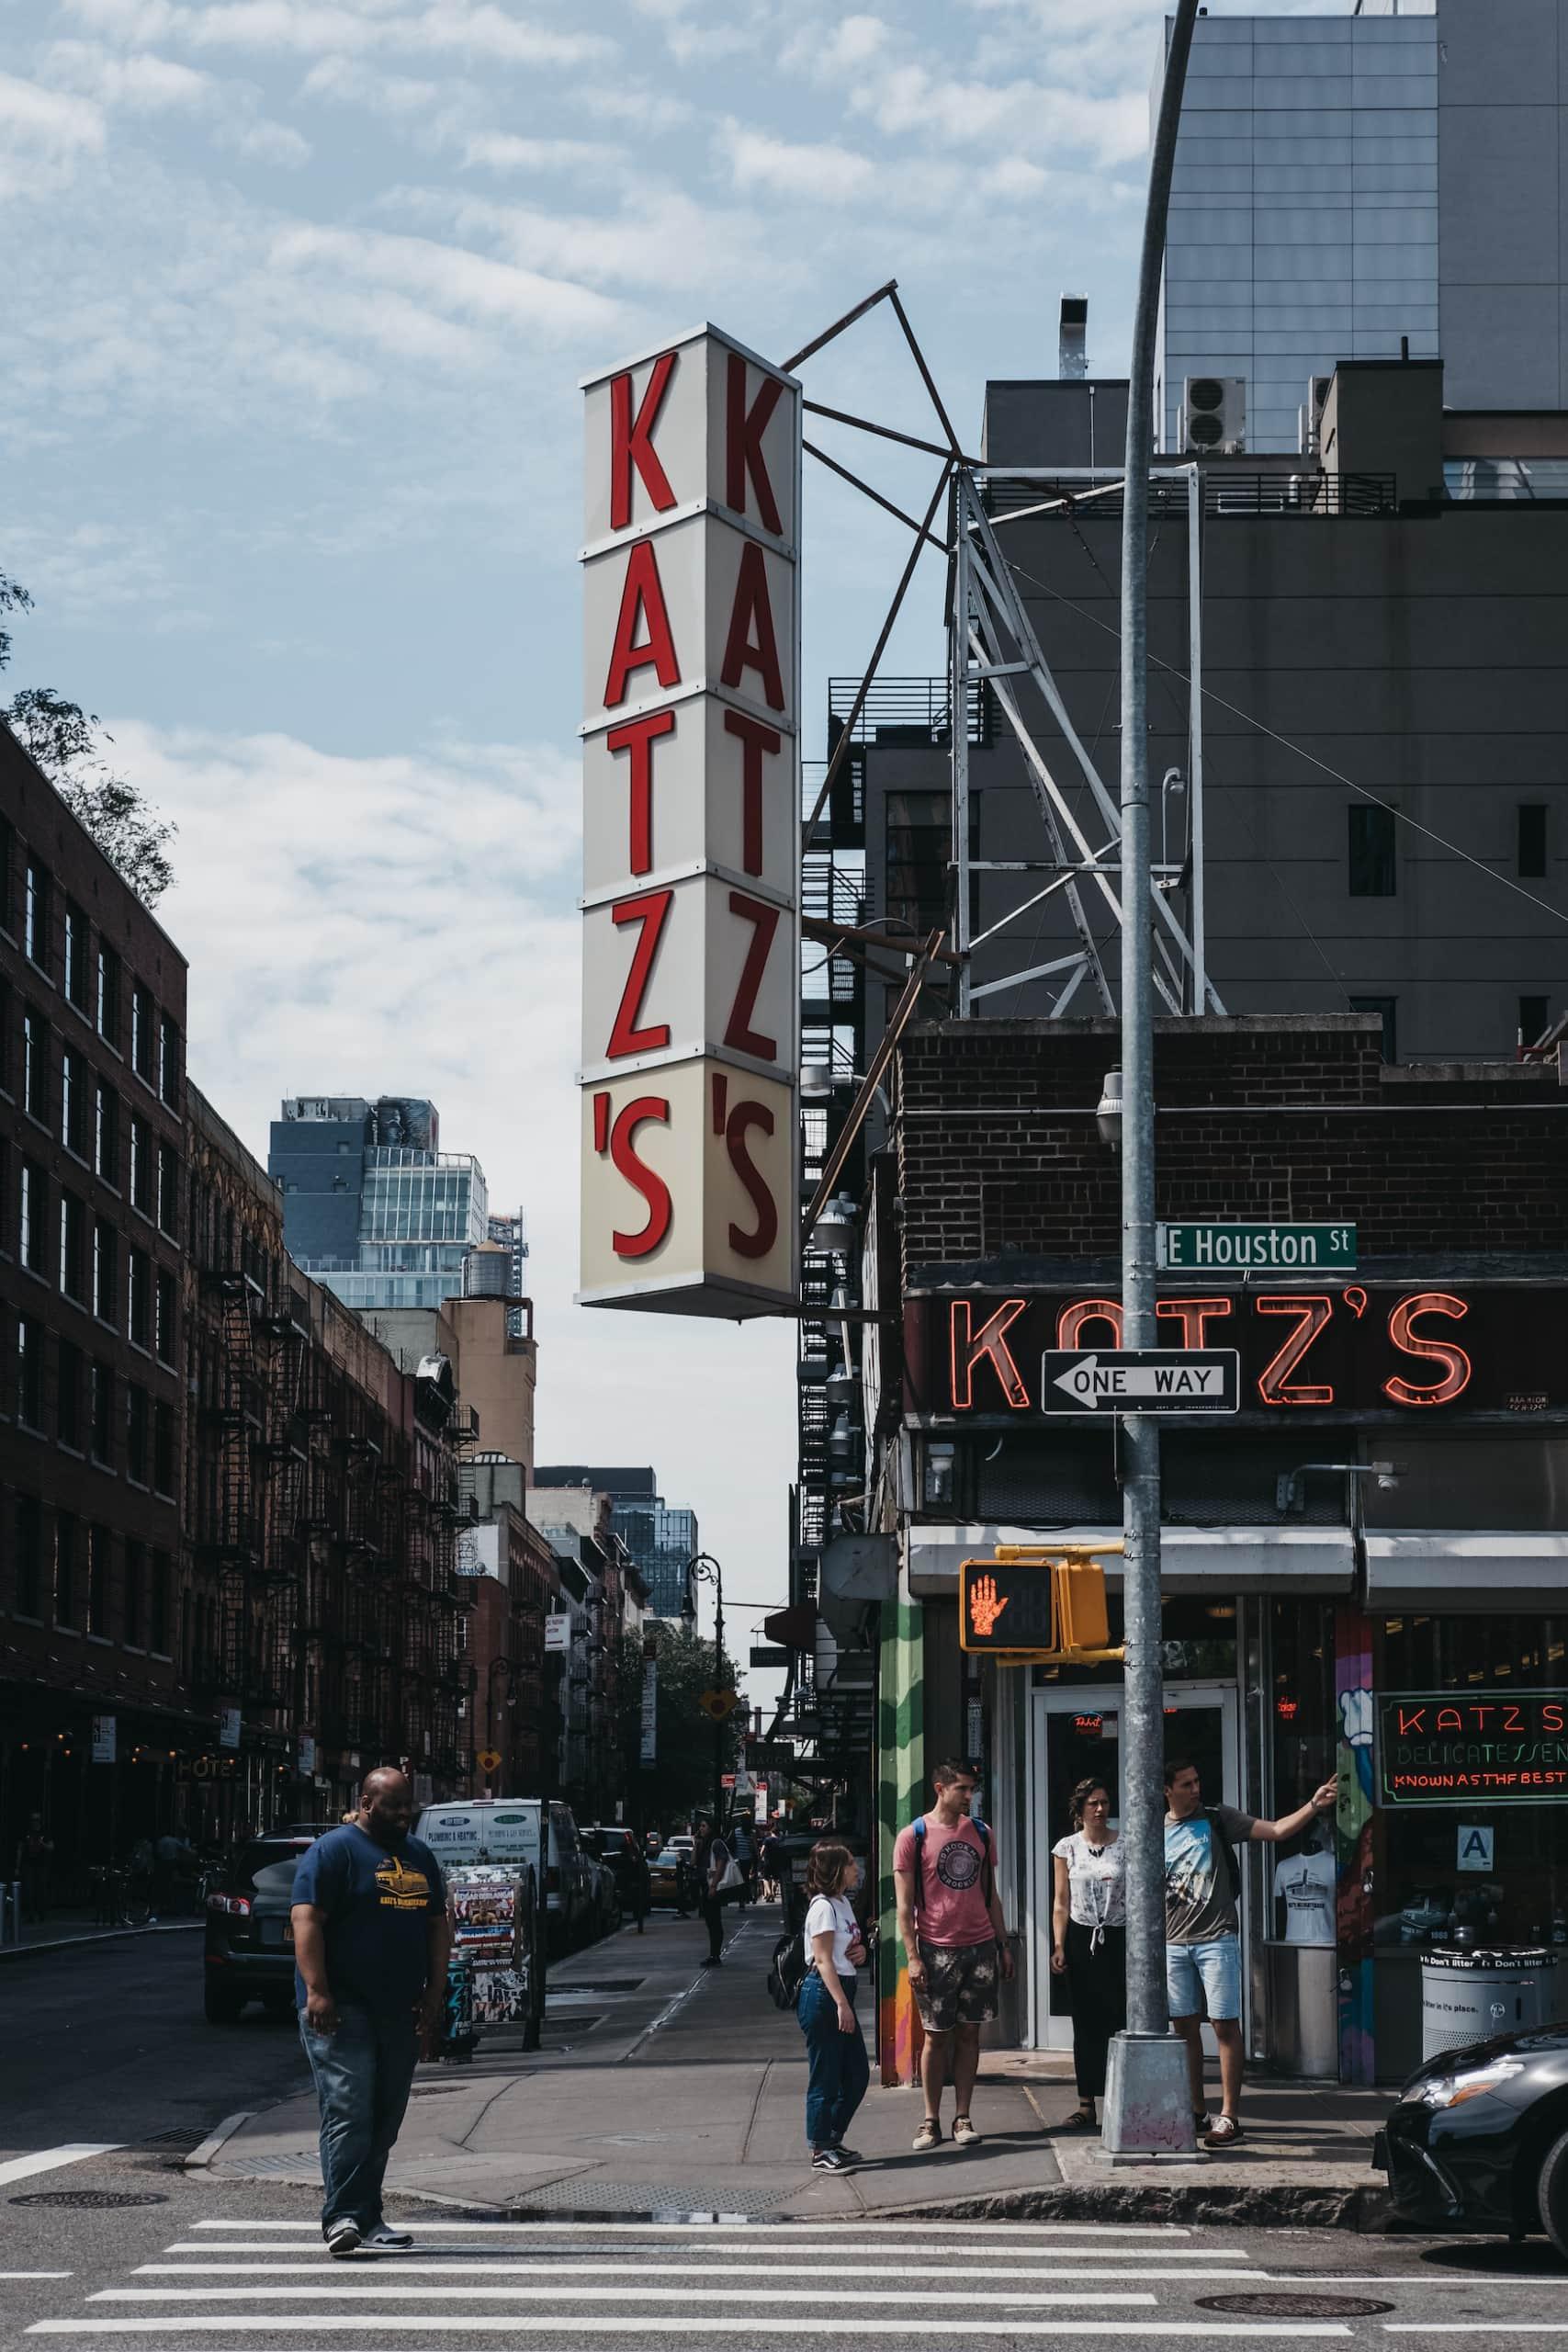 Katz's Delicatessen in New York City